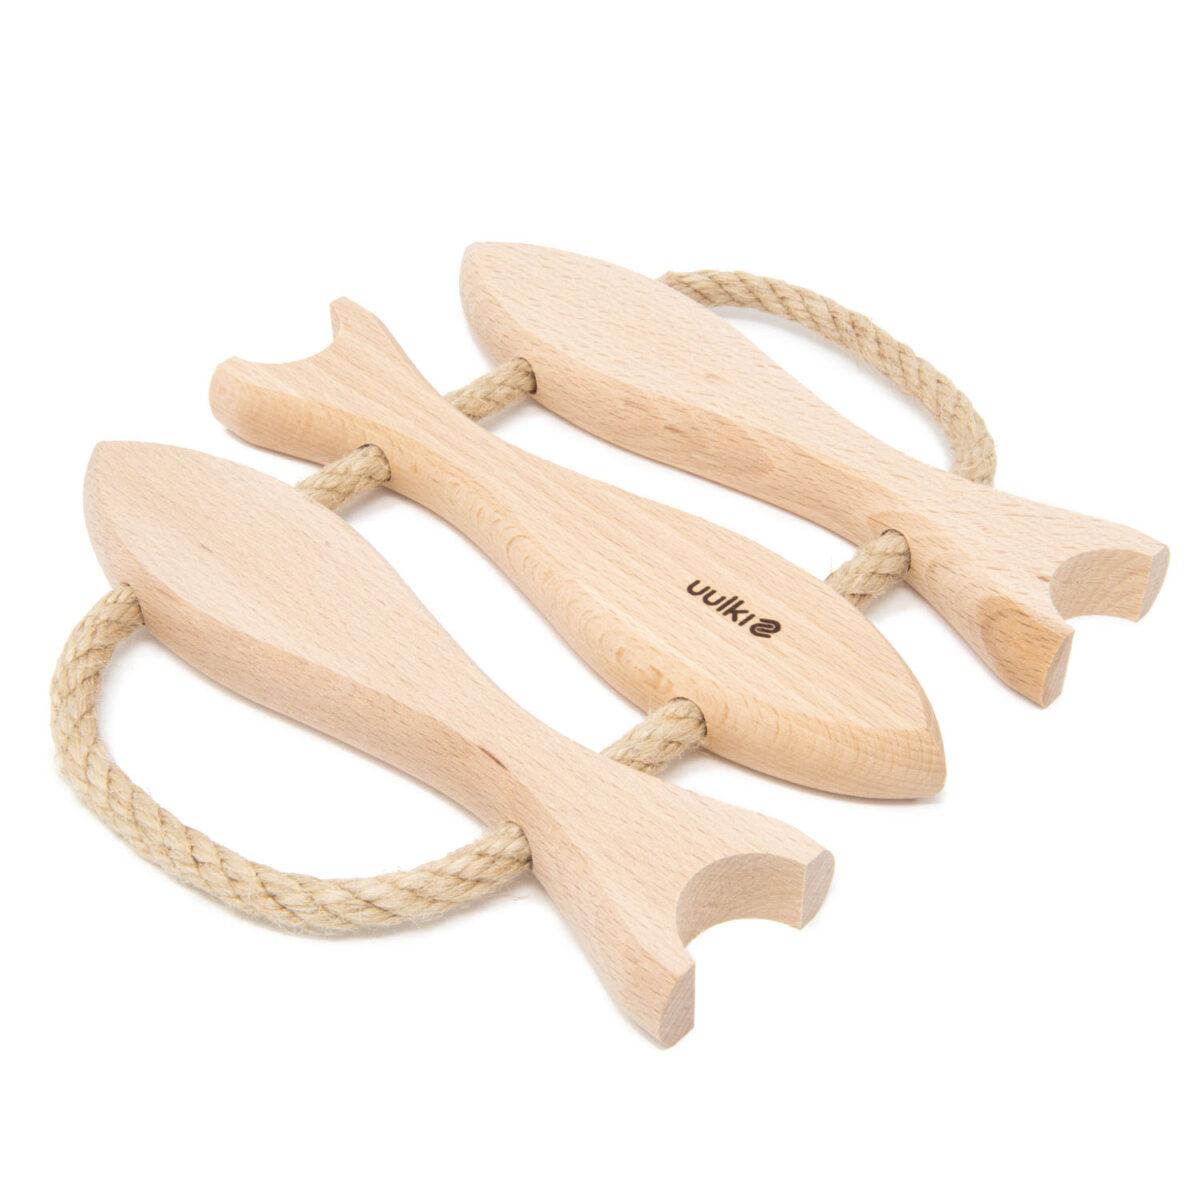 uulki houten onderzetter voor pannen en kookpotten